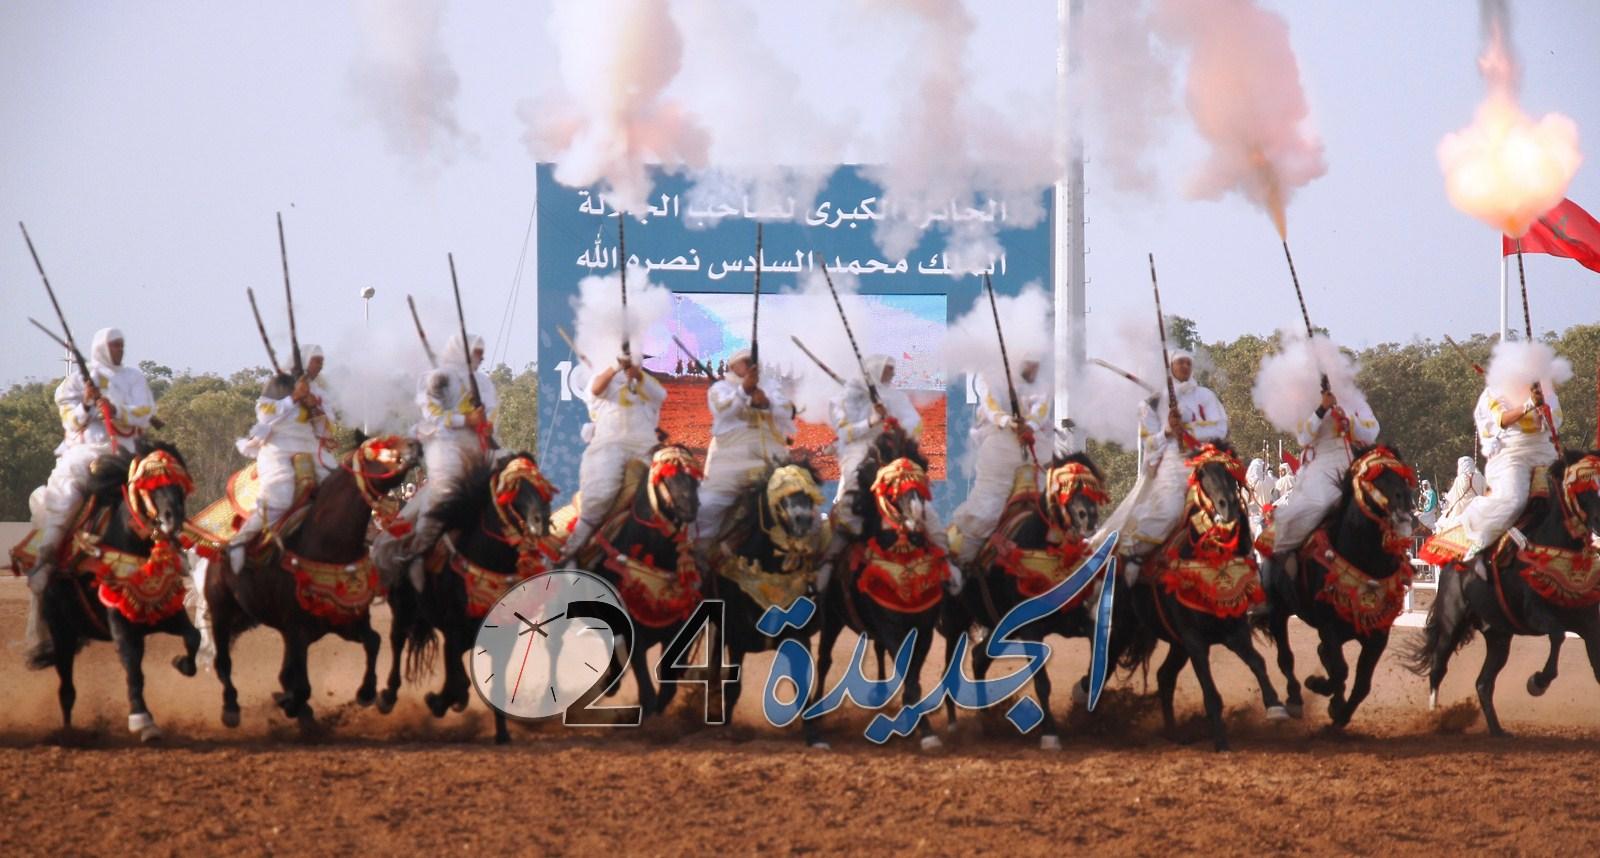 جائزة محمد السادس الكبرى للتبوريدة تستقطب اكبر عدد من زوار معرض الفرس للجديدة